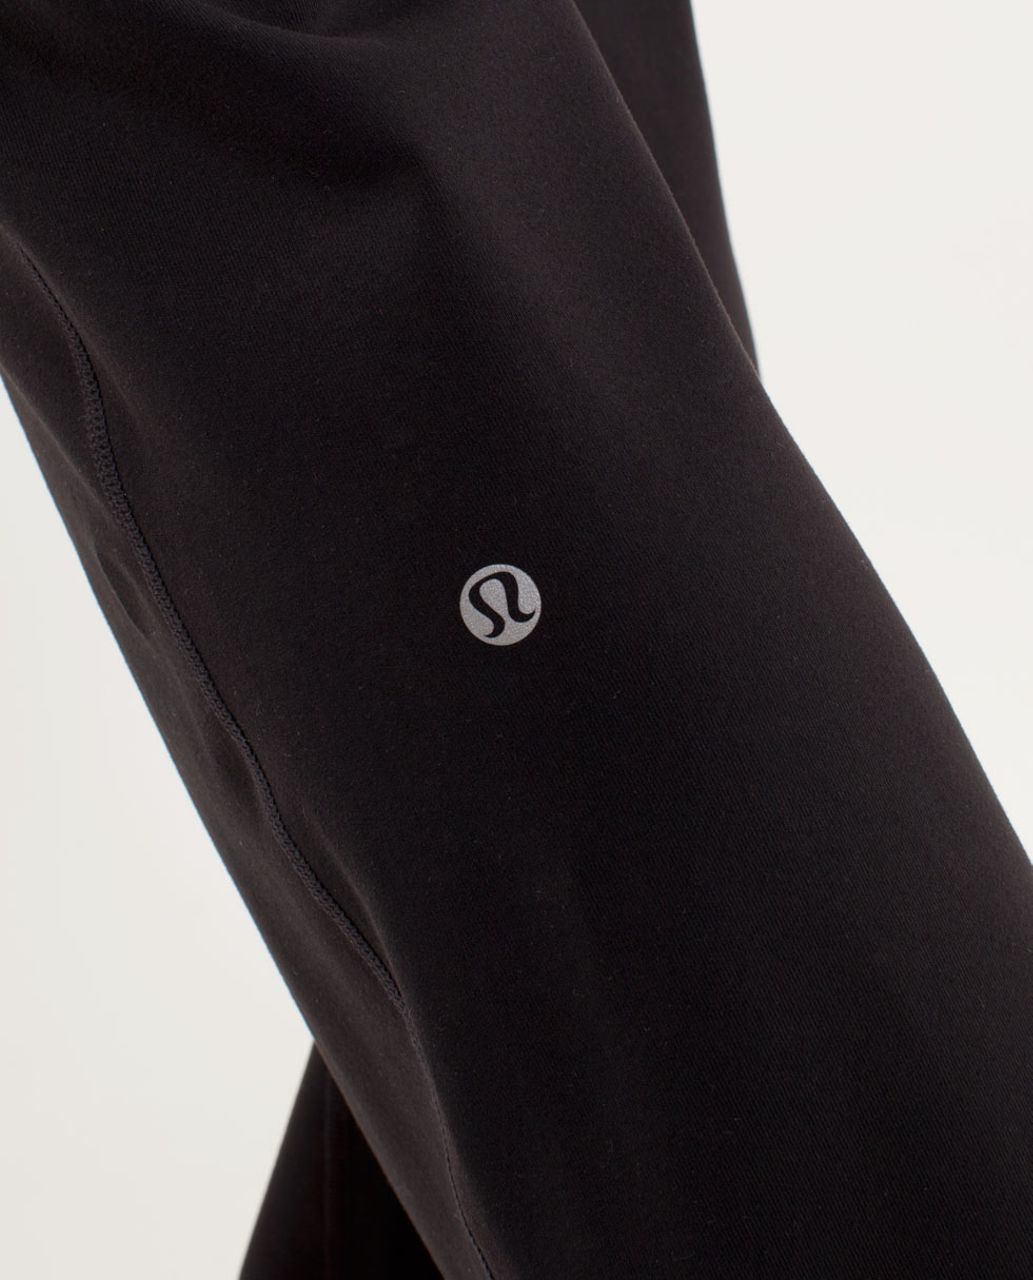 Lululemon Astro Pant (Regular) - Black /  Dazzling /  Ultra Violet